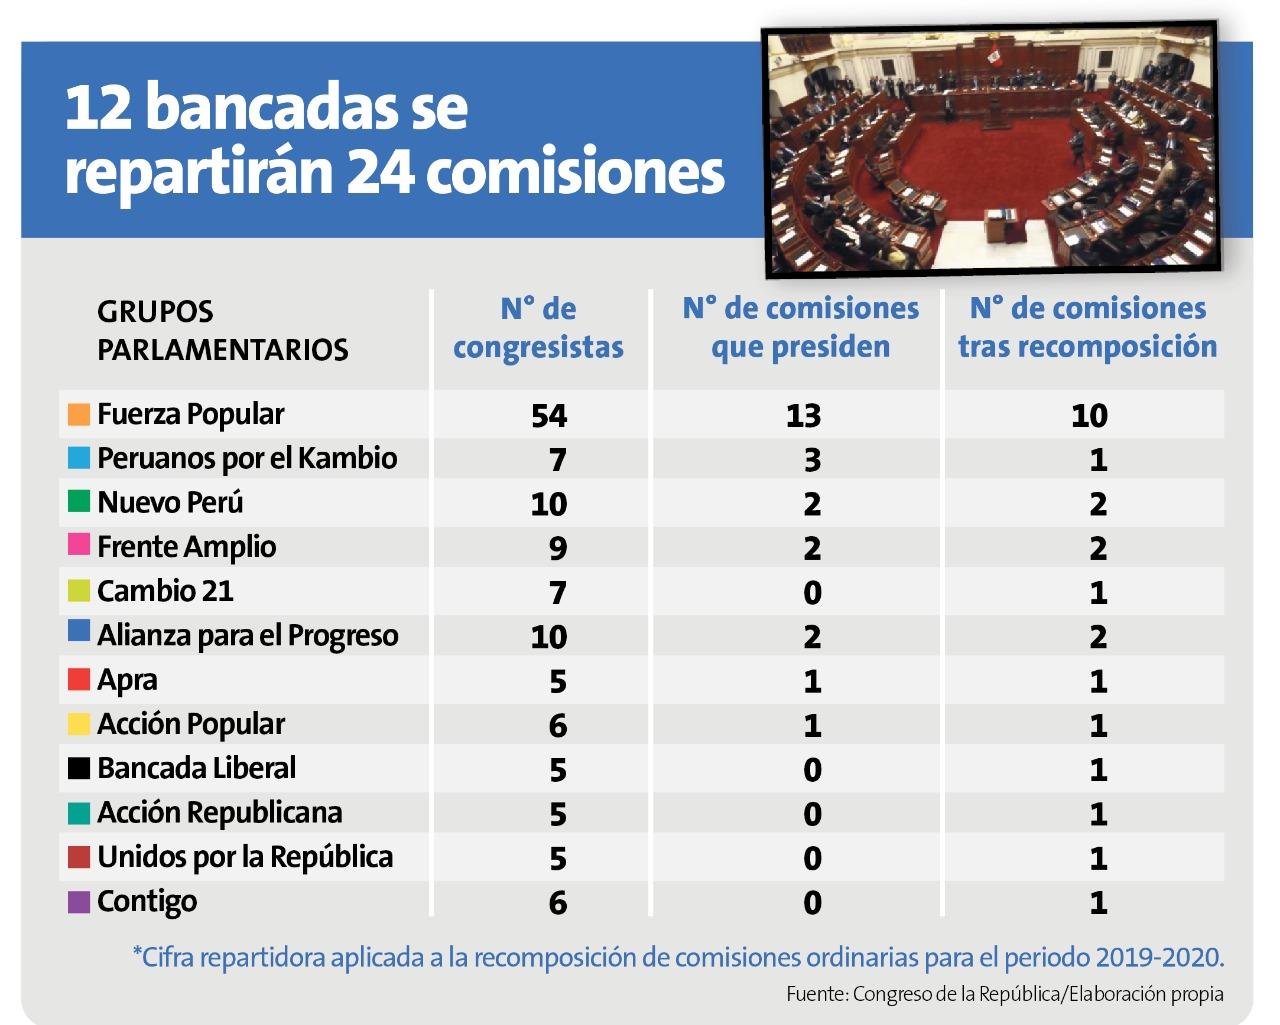 12 bancadas se repartirán 24 comisiones (Perú21).